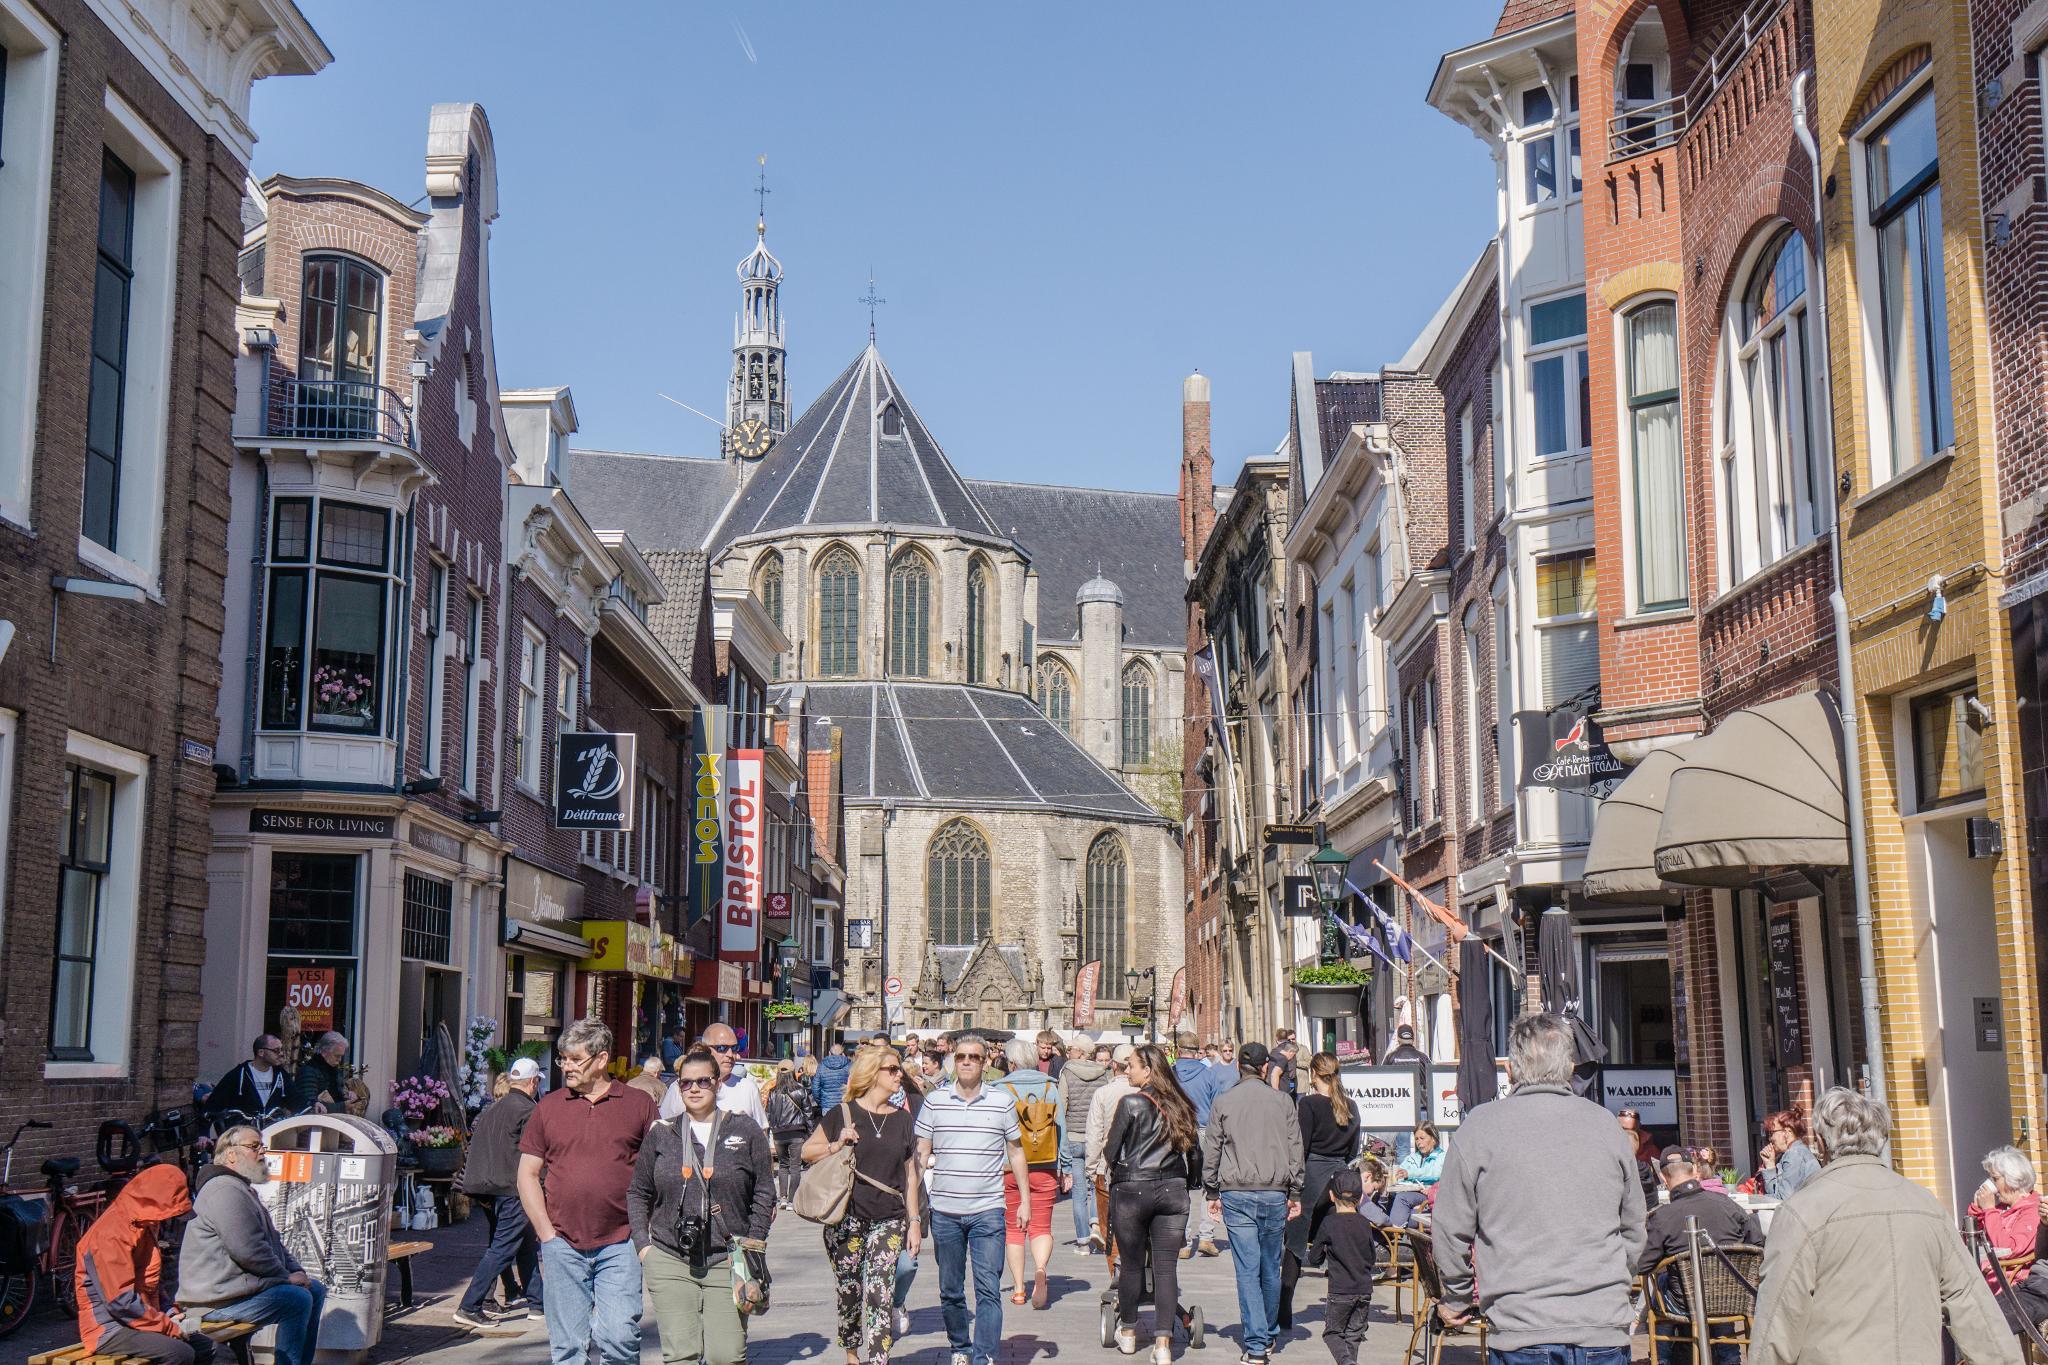 【荷蘭印象】體驗道地的荷式風情 — Alkmaar 起司市集 散步路線整理 5